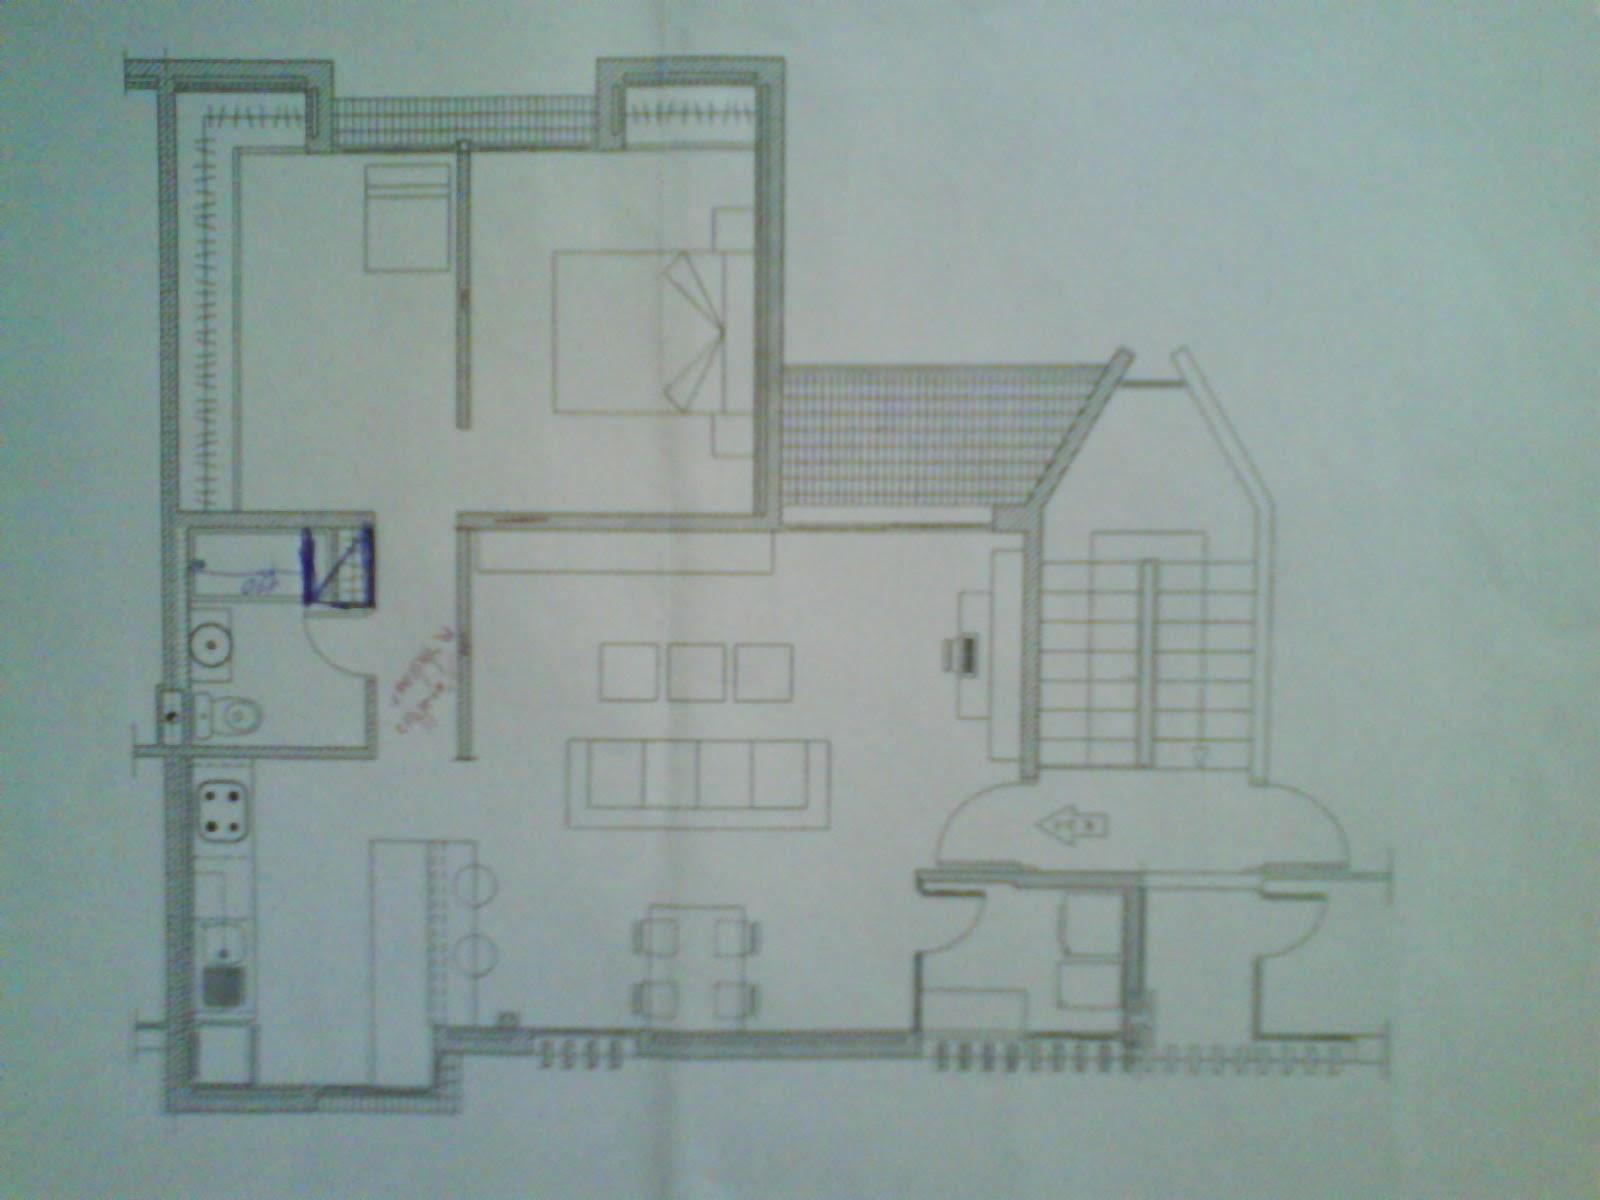 Quiero reformar mi casa empresa de reformas en salou - Quiero reformar mi casa ...